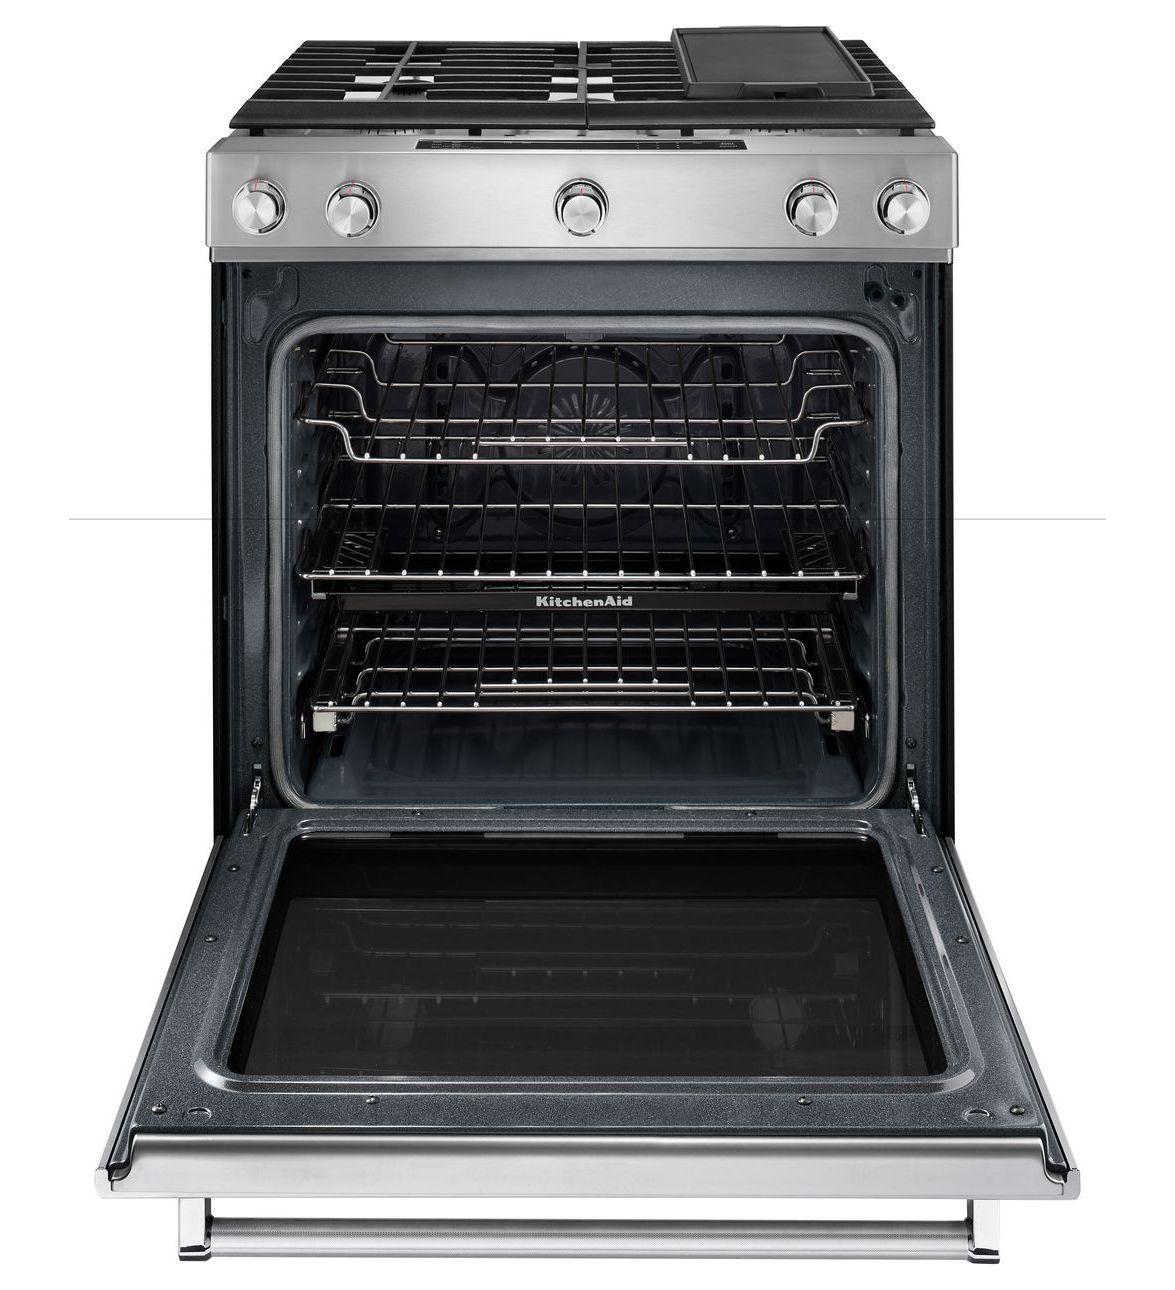 Ksgb900ess kitchenaid ksgb900ess gas slide in ranges - Kitchenaid gas range ...